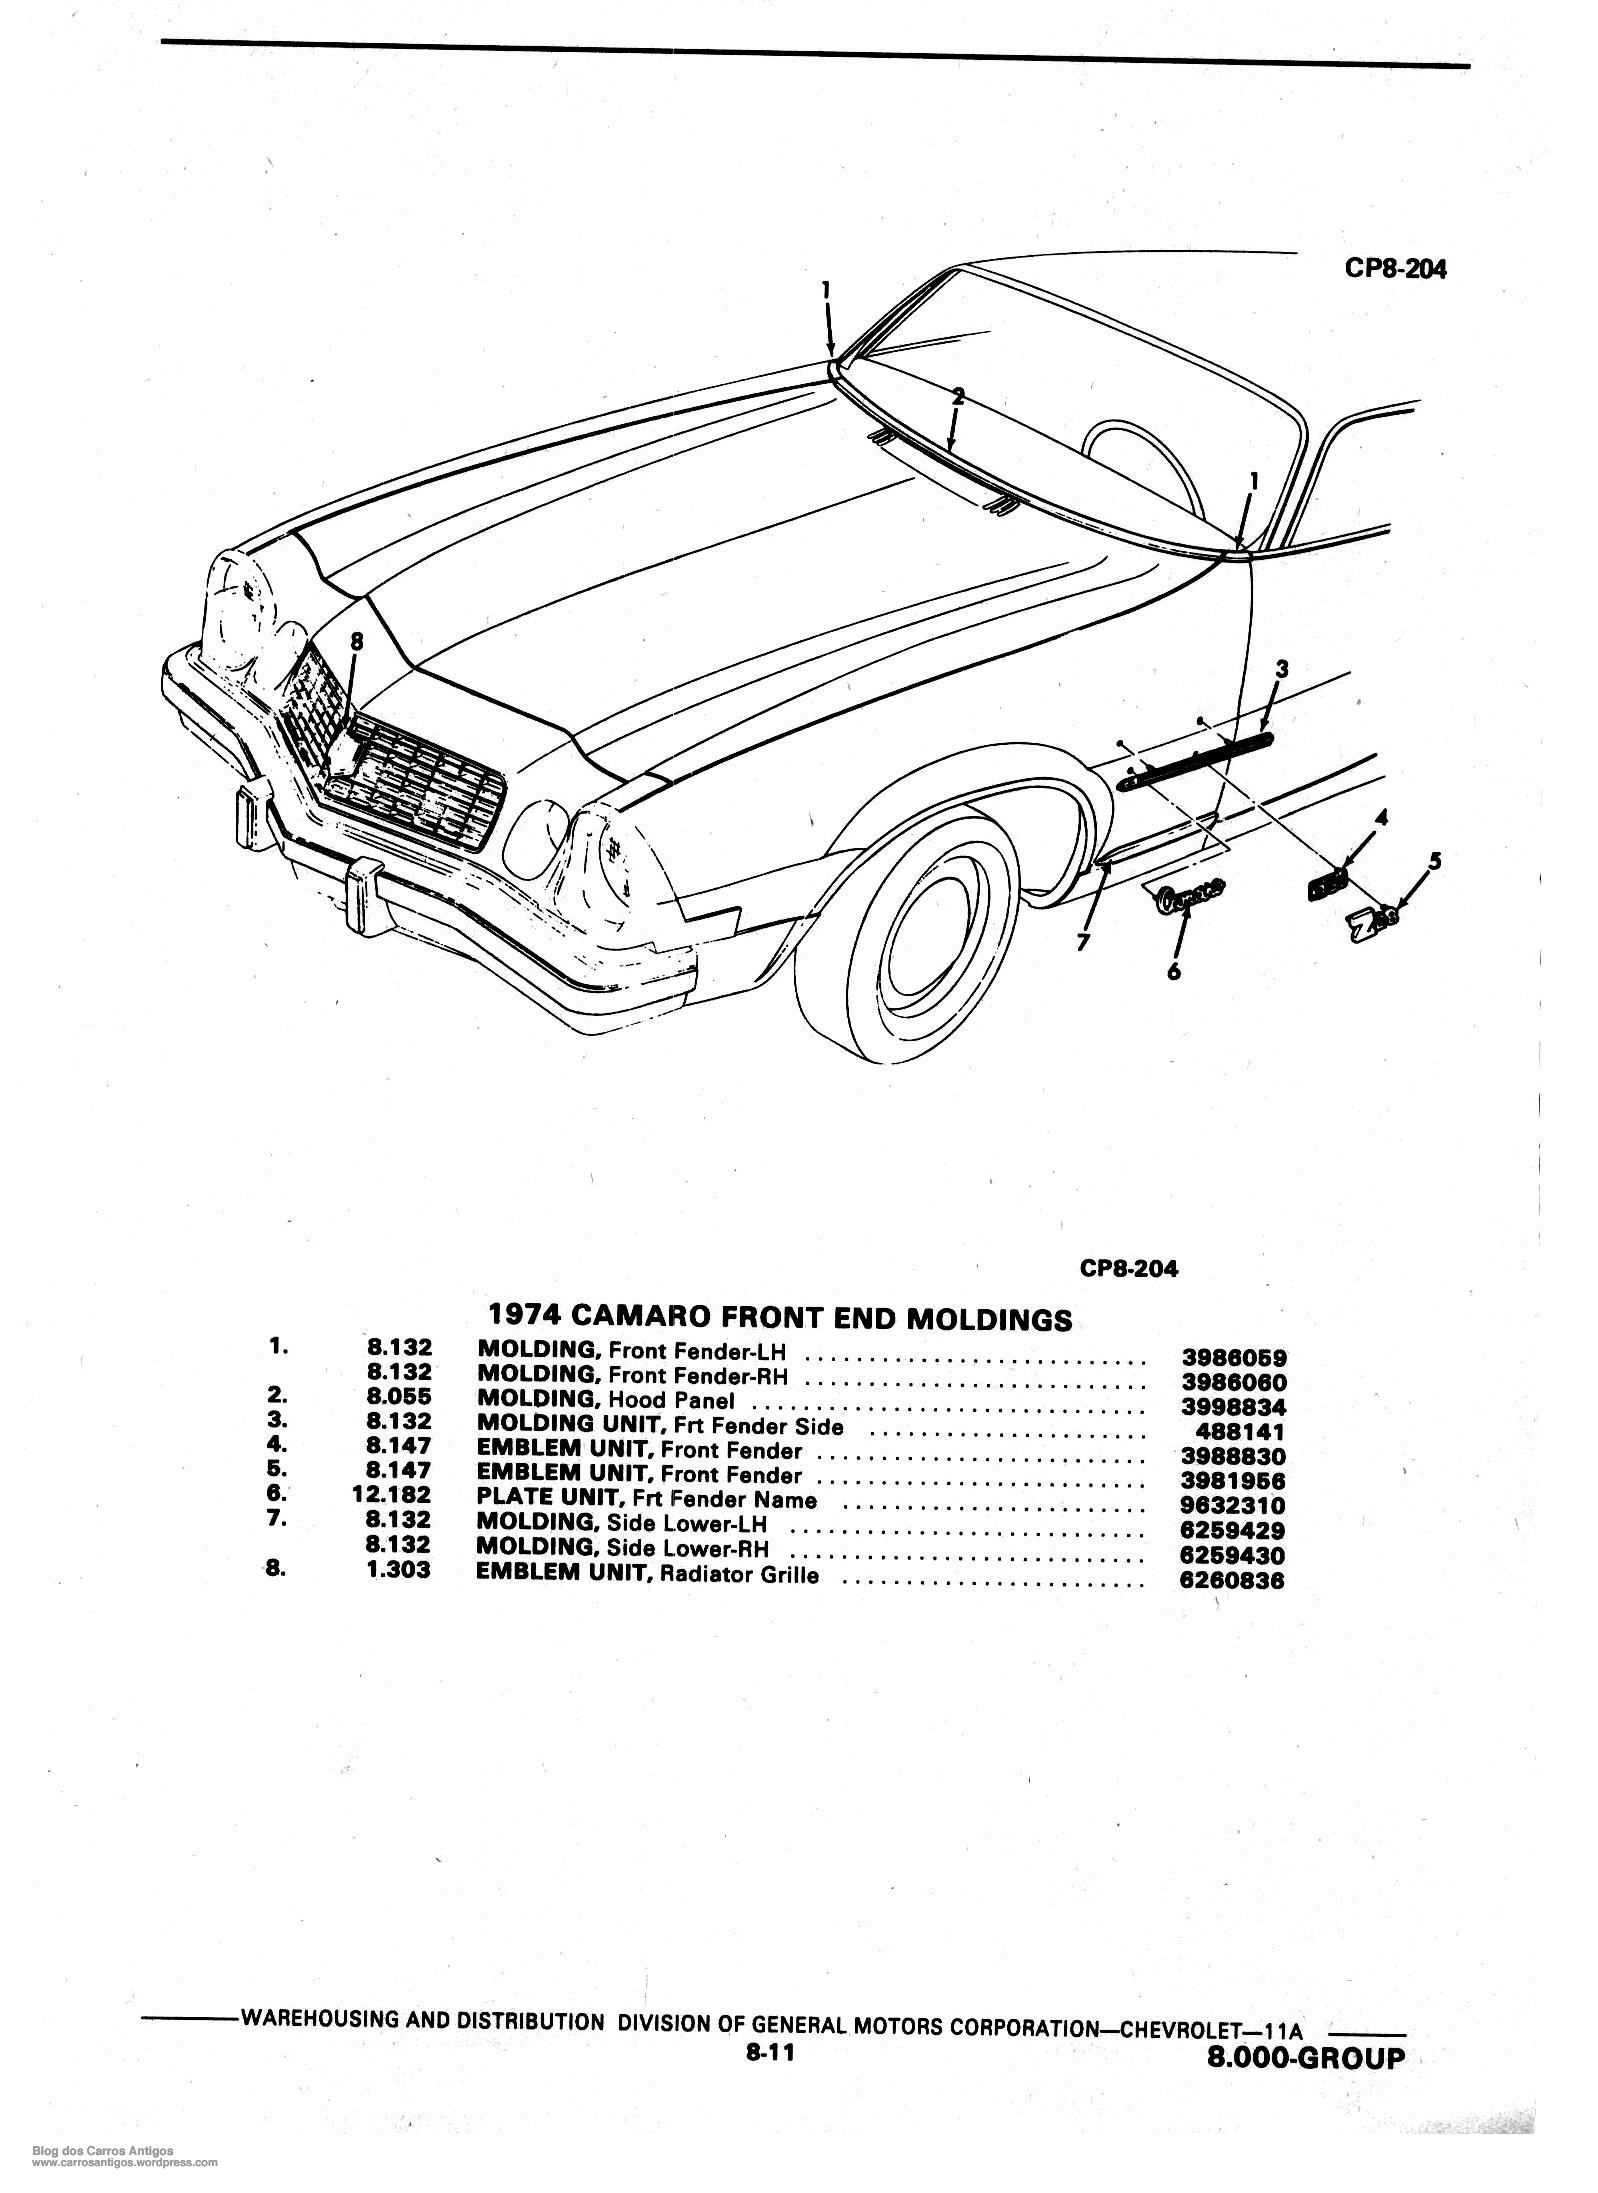 74_camaro_parts_manual_201